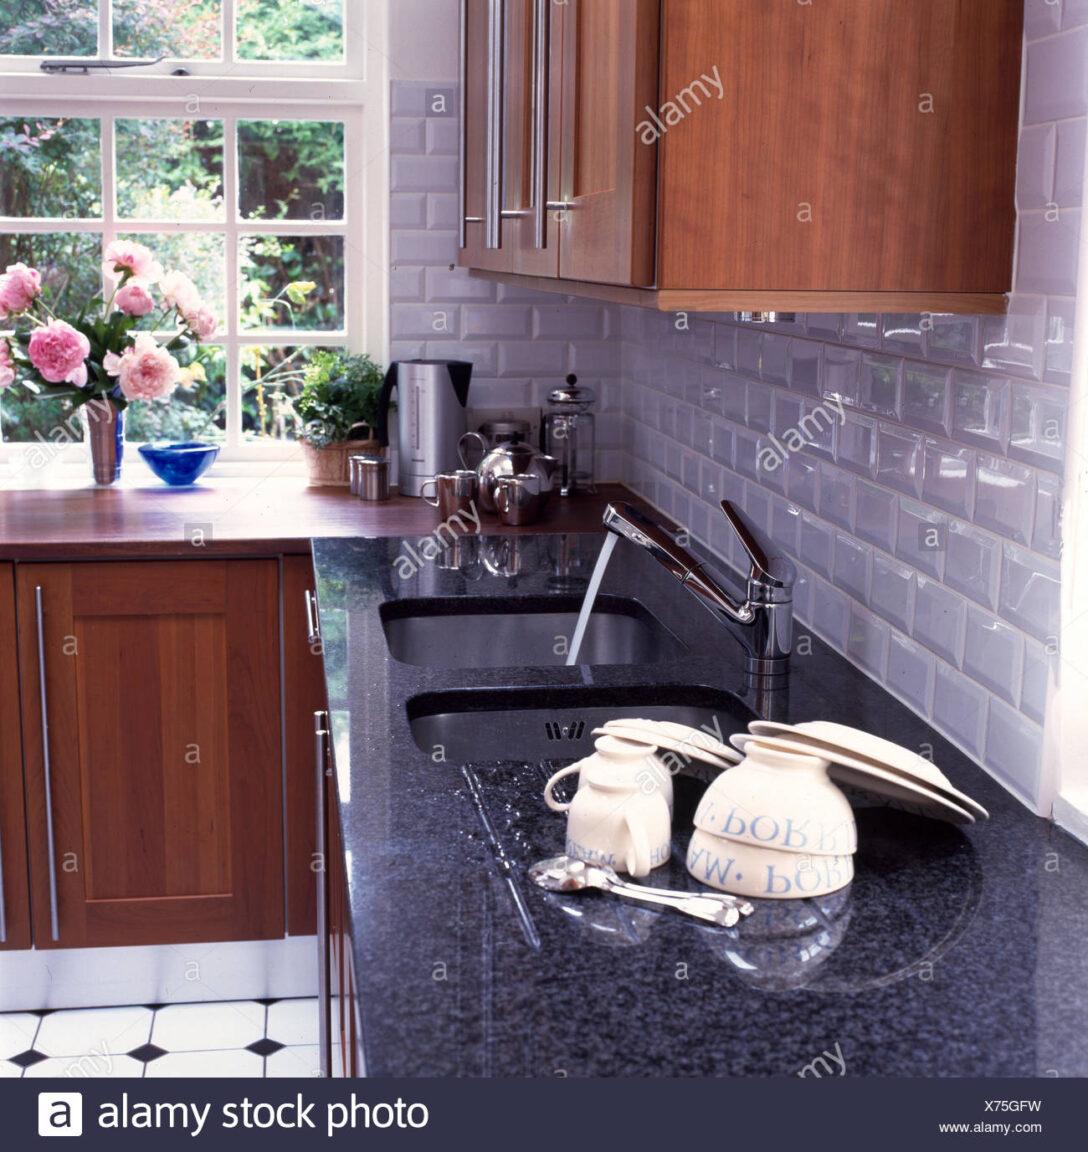 Large Size of Granit Arbeitsplatte Wei Geflieste Kche Mit Und Mahagoni Küche Sideboard Granitplatten Arbeitsplatten Wohnzimmer Granit Arbeitsplatte